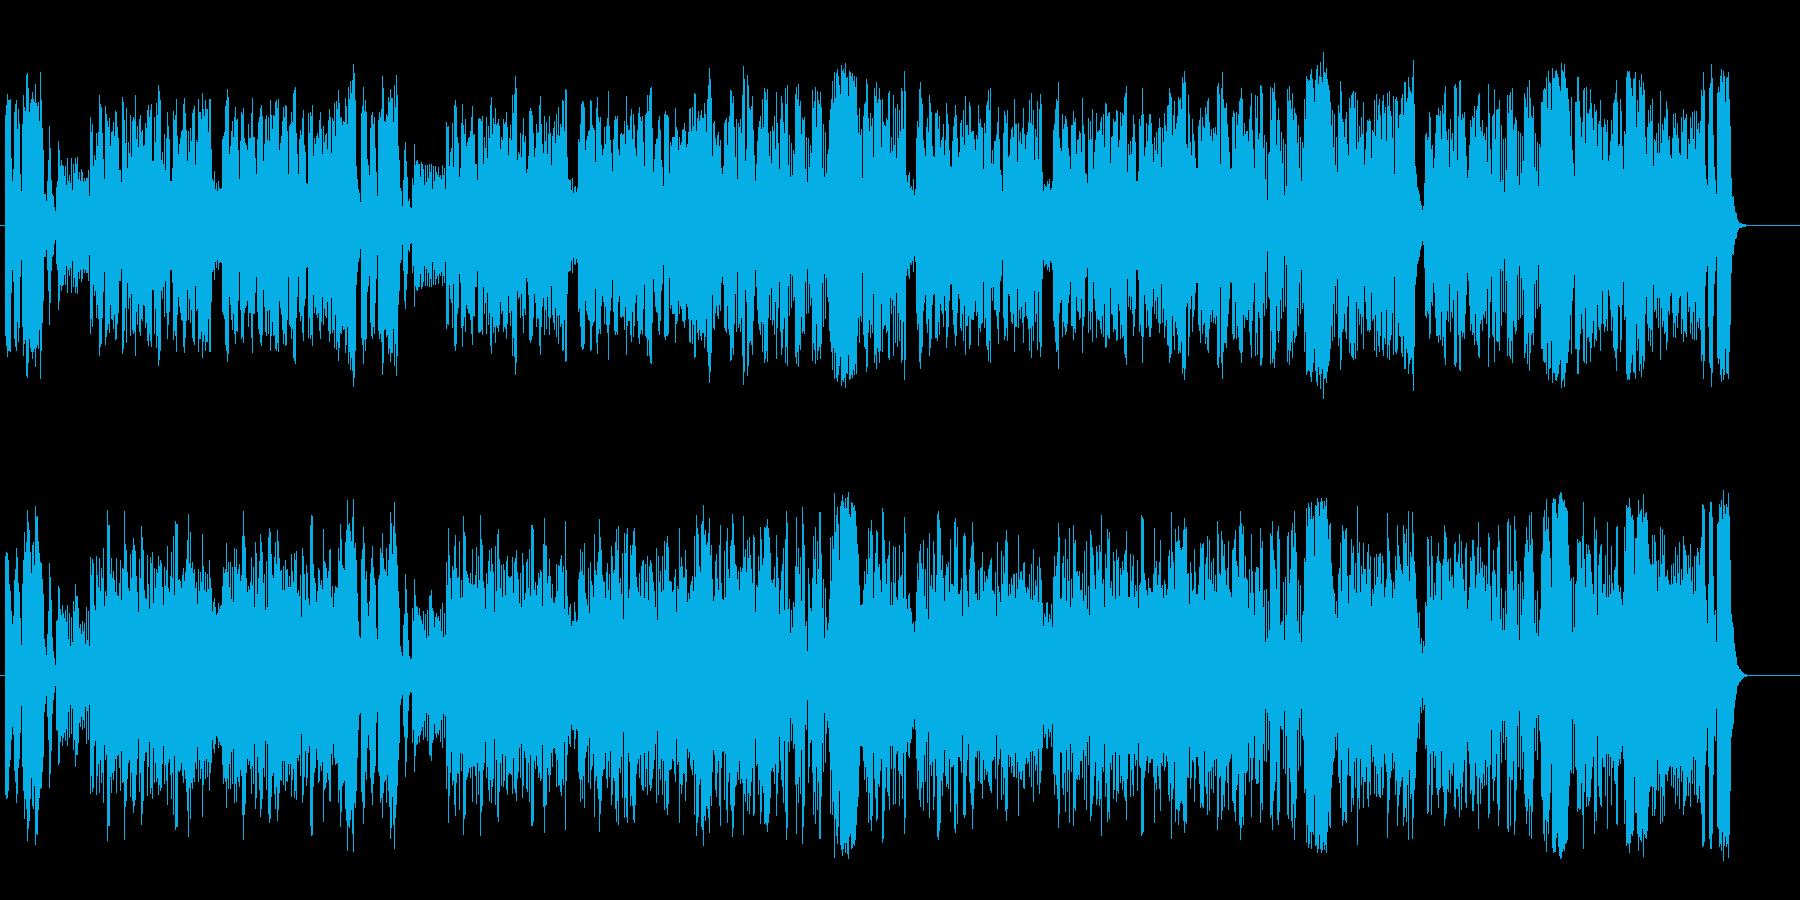 緑が映える優美なクラシック/オーケストラの再生済みの波形